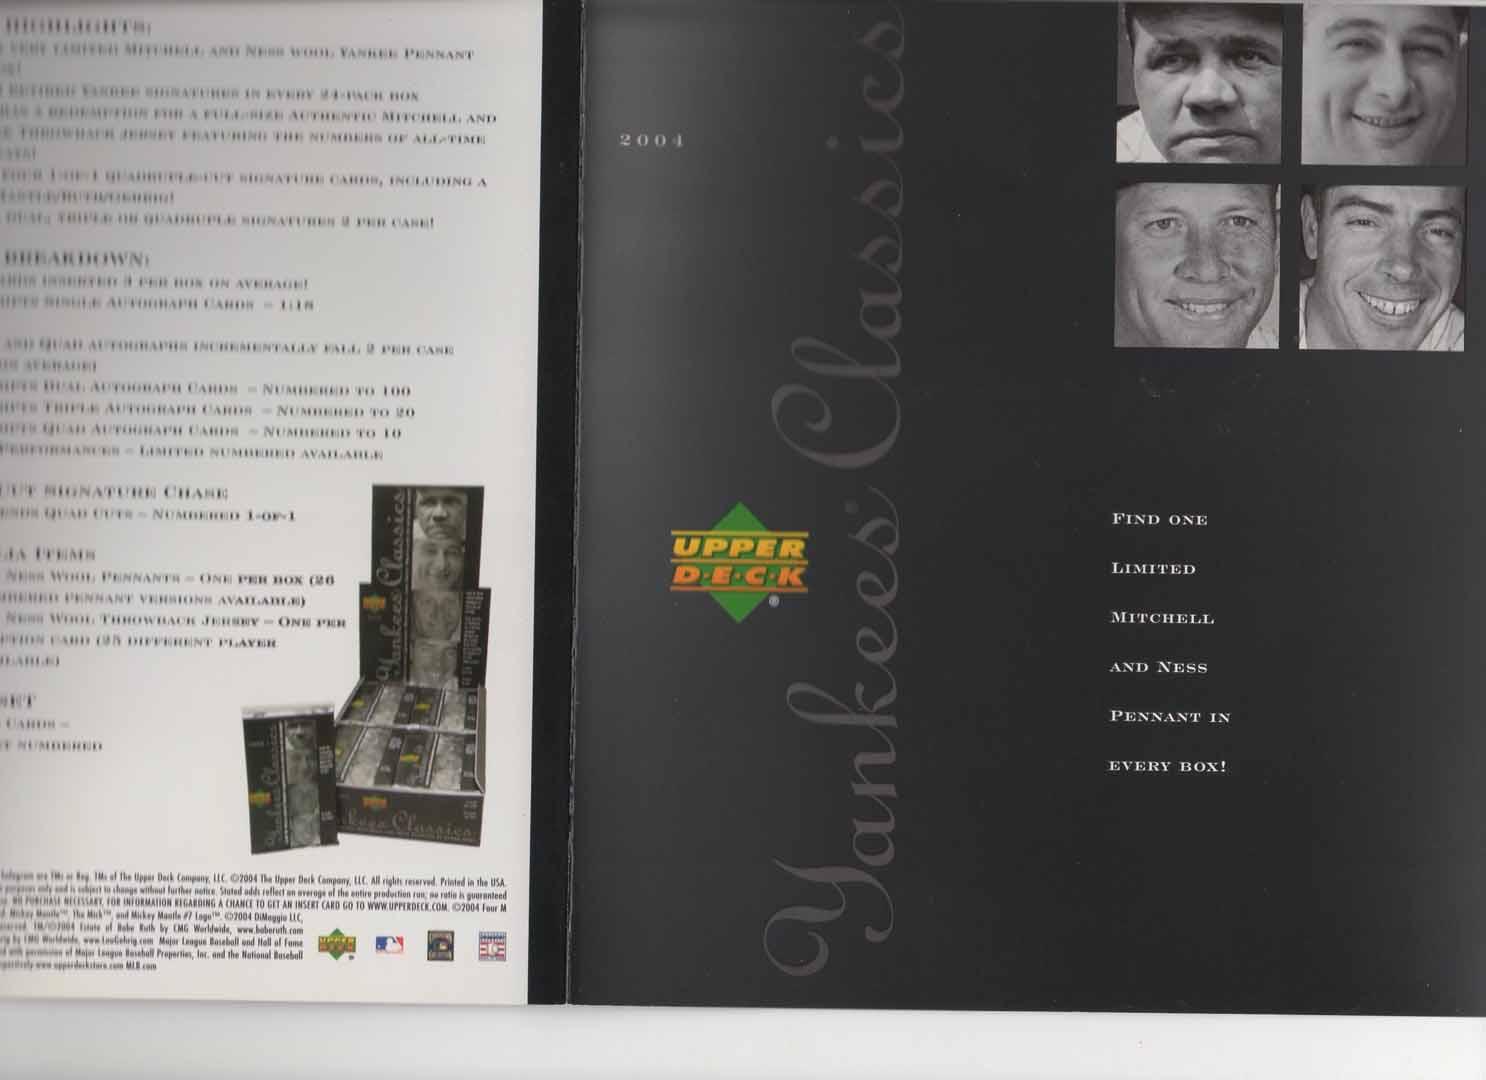 2004 upper deck 4 page boklet